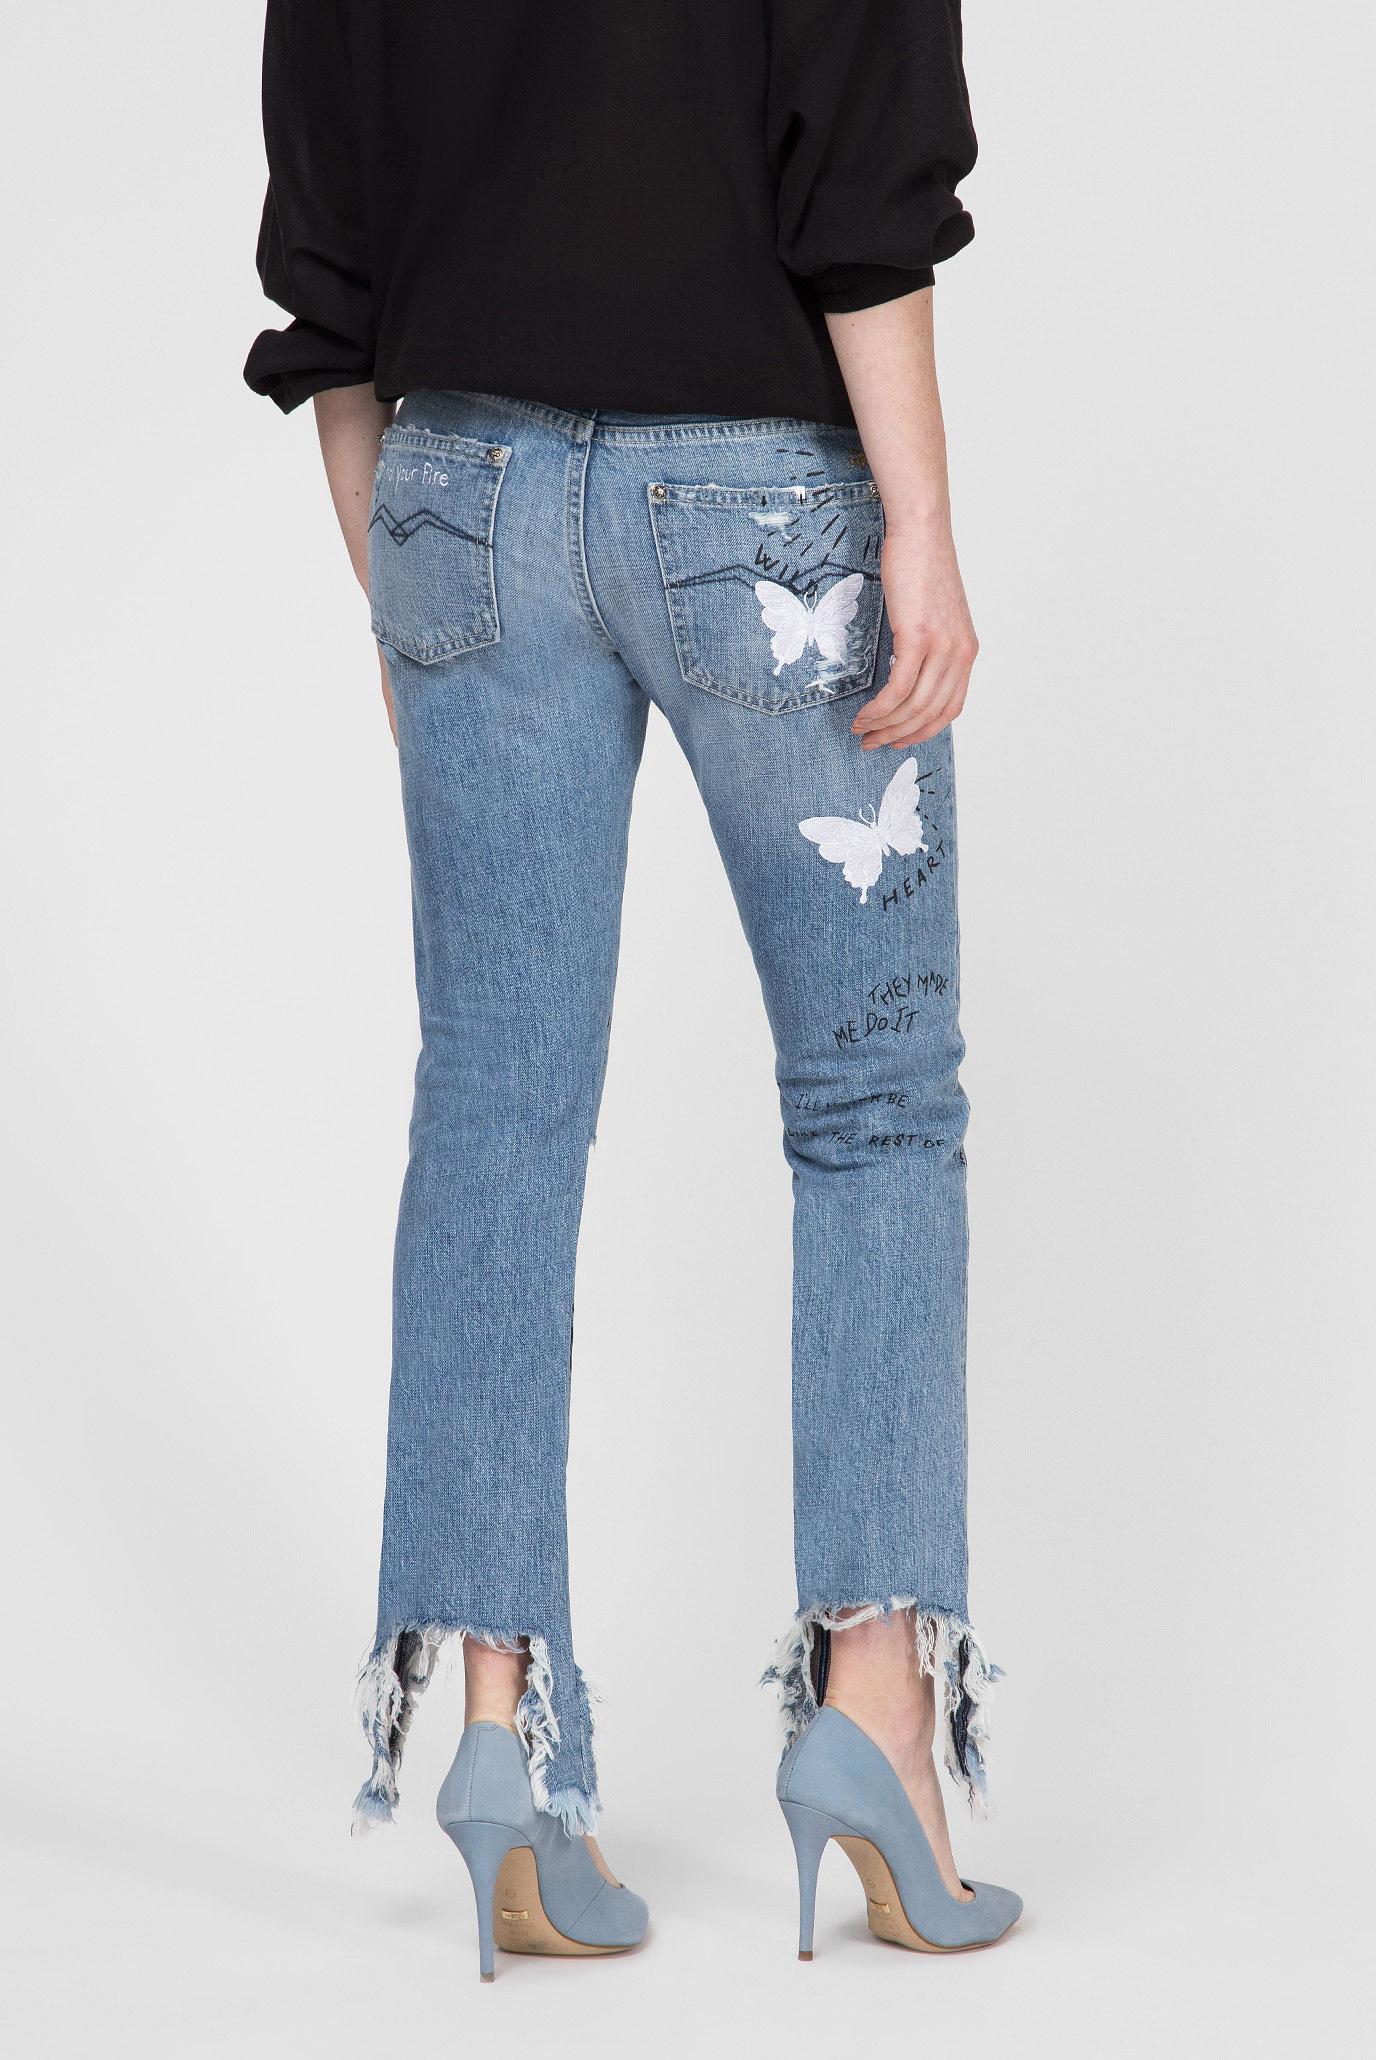 Купить Женские голубые джинсы JOPLYN Replay Replay WA405U.000.50C M38 – Киев, Украина. Цены в интернет магазине MD Fashion